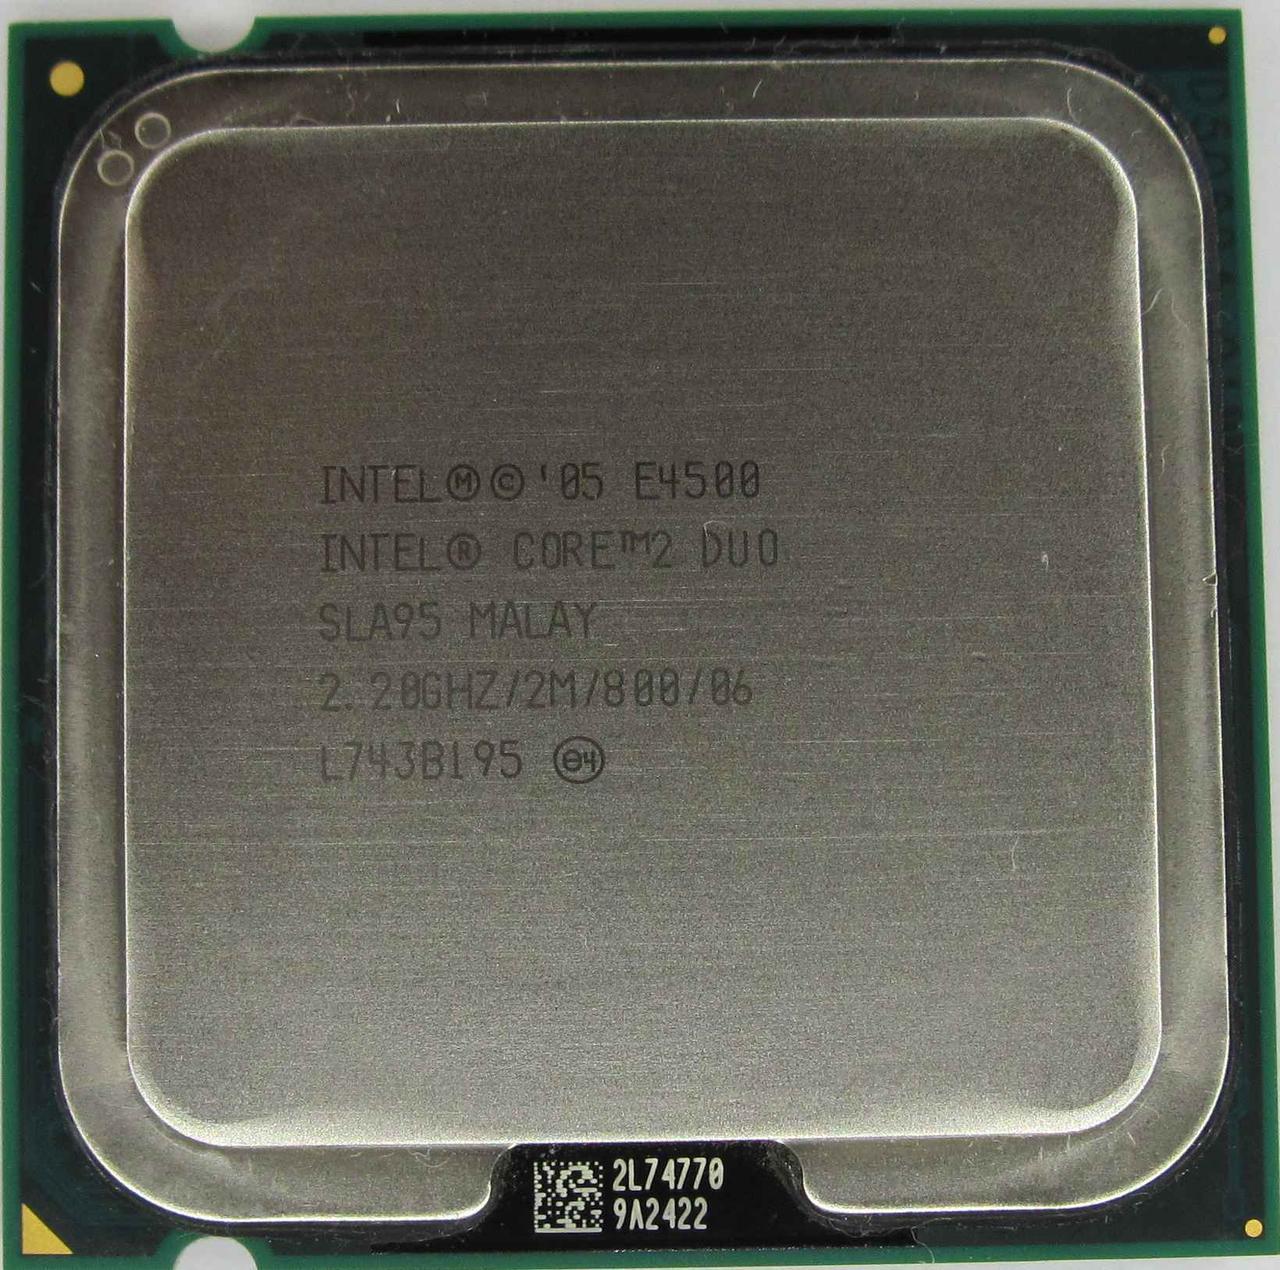 Процессор Intel Core 2 Duo E4500 2.20GHz/2M/800 (SLA95) s775, tray